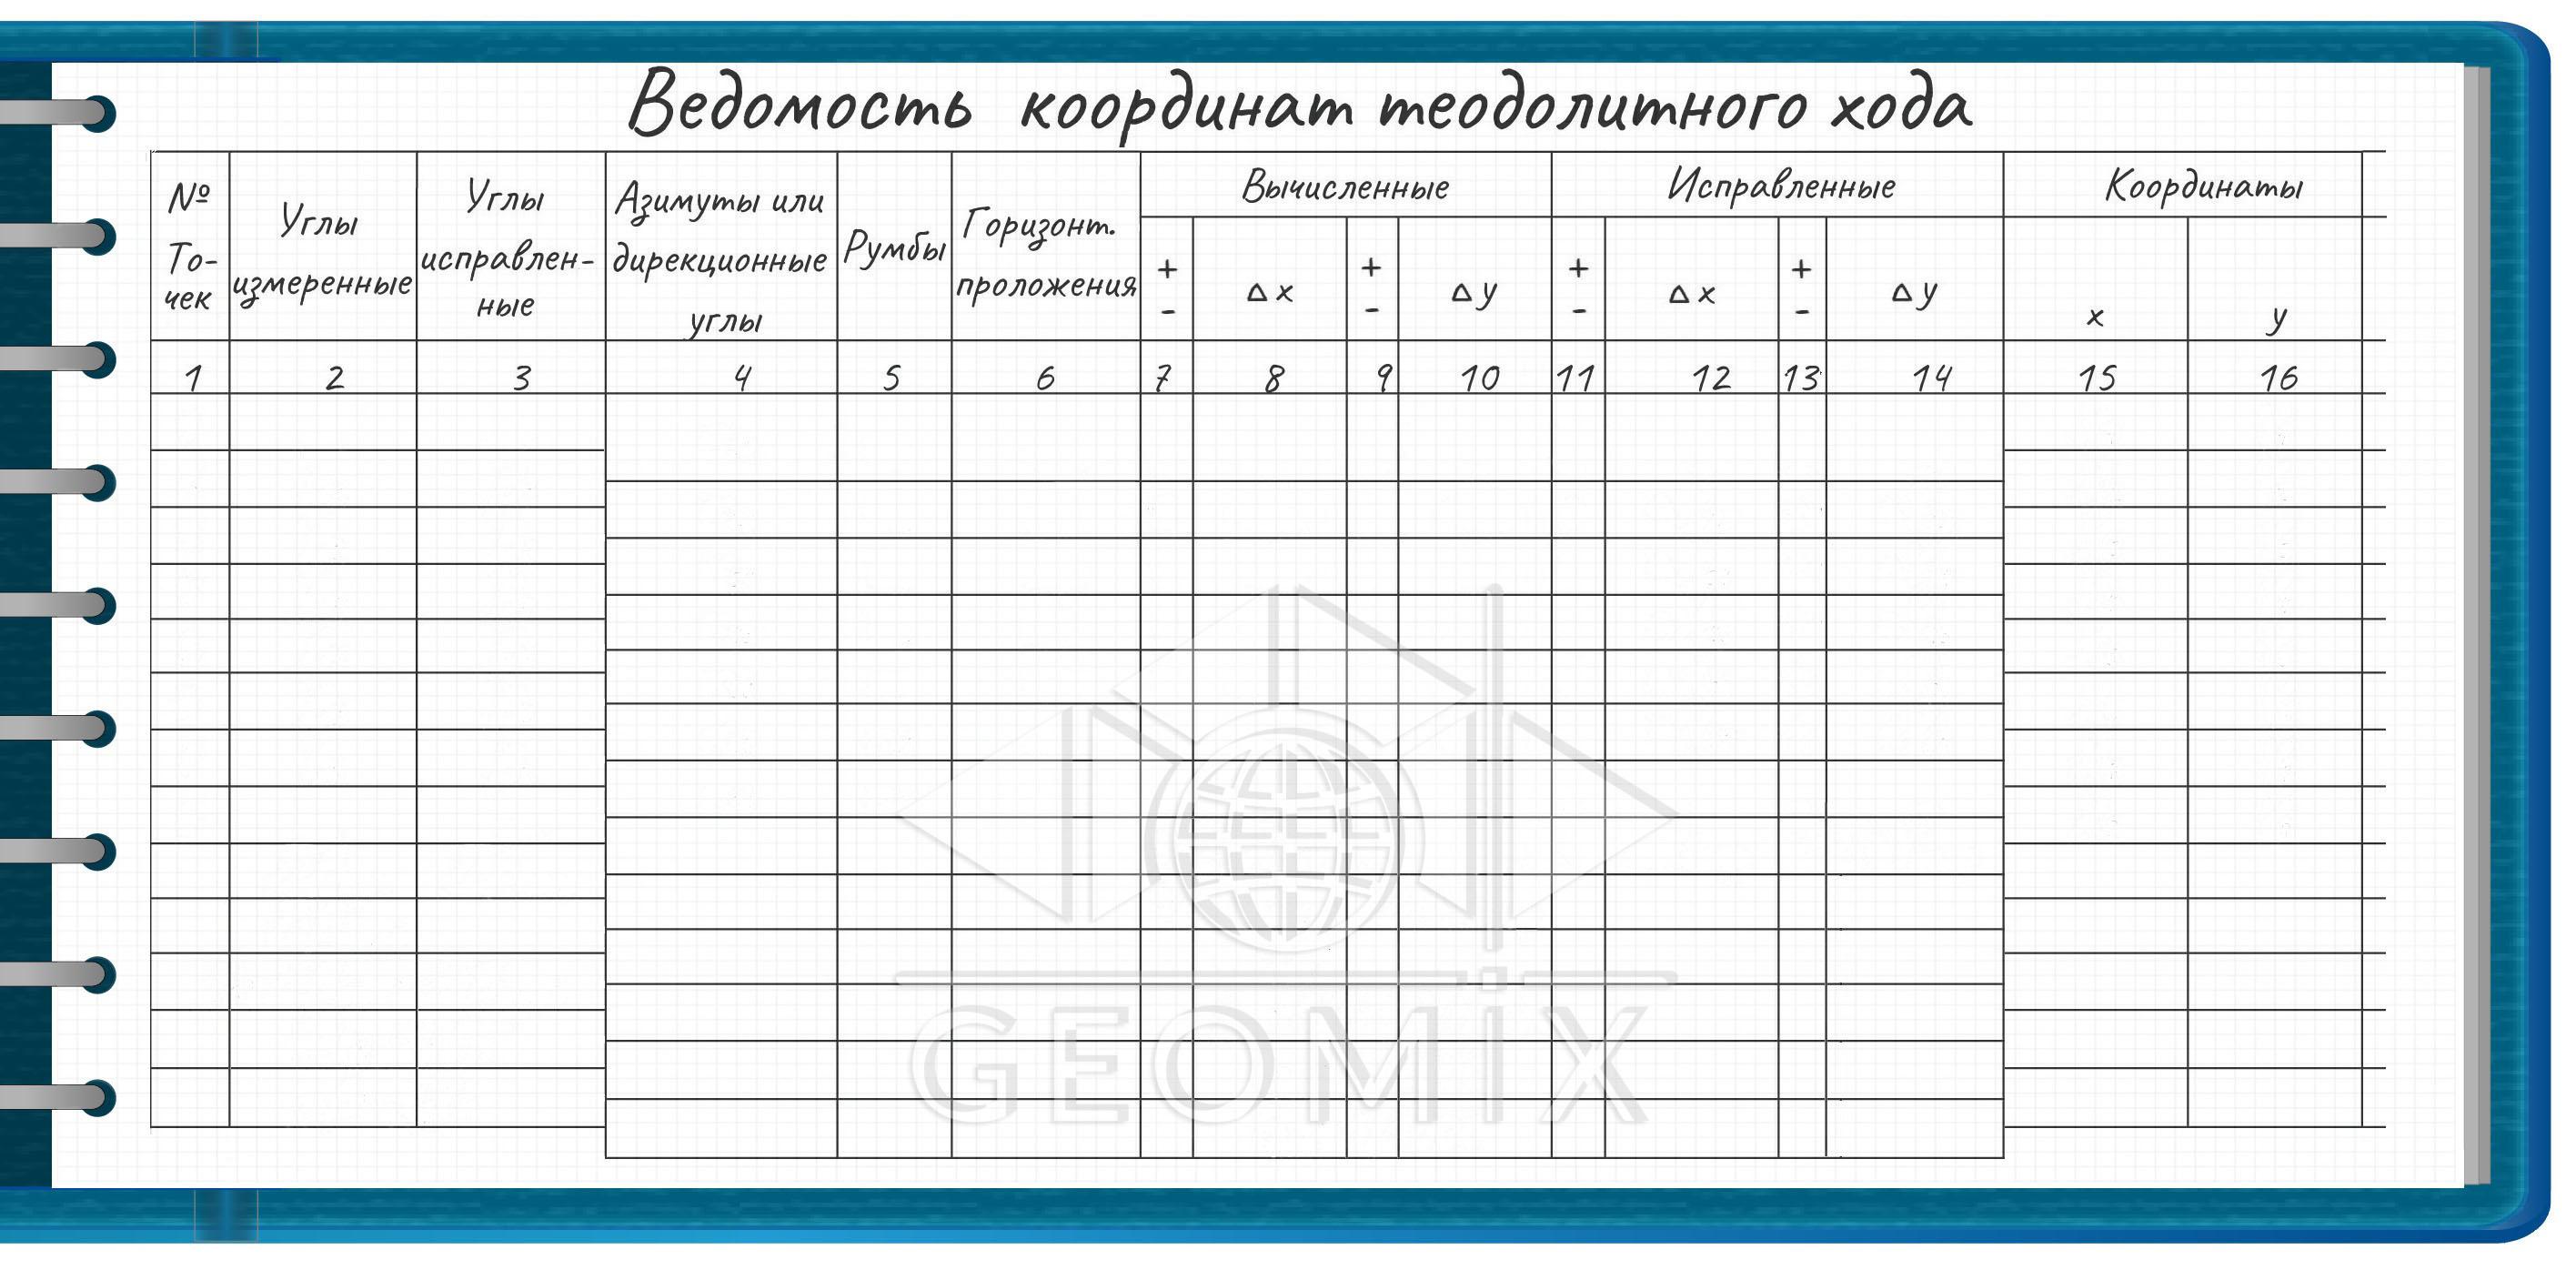 Ведомость вычисления координат вершин теодолитного хода: разбор таблицы